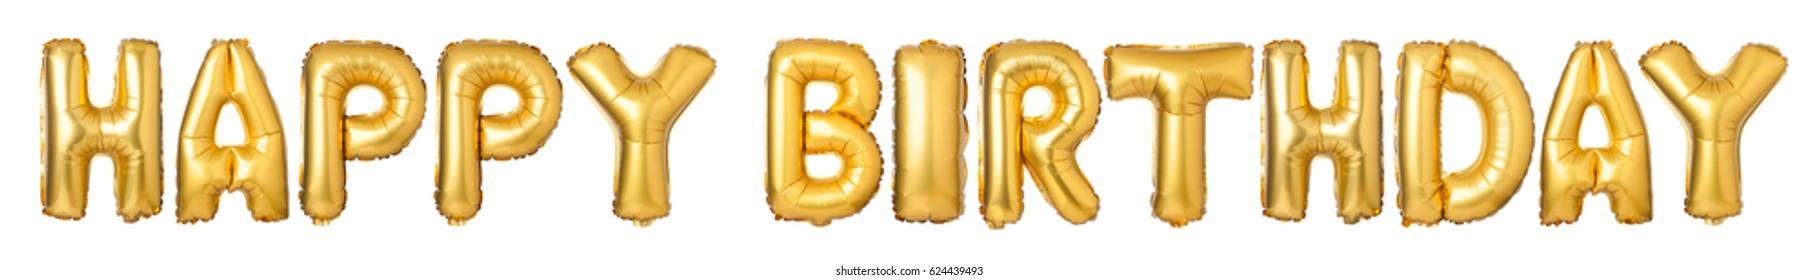 Letras mayúsculas HAPPY BIRTHDAY de globos dorados